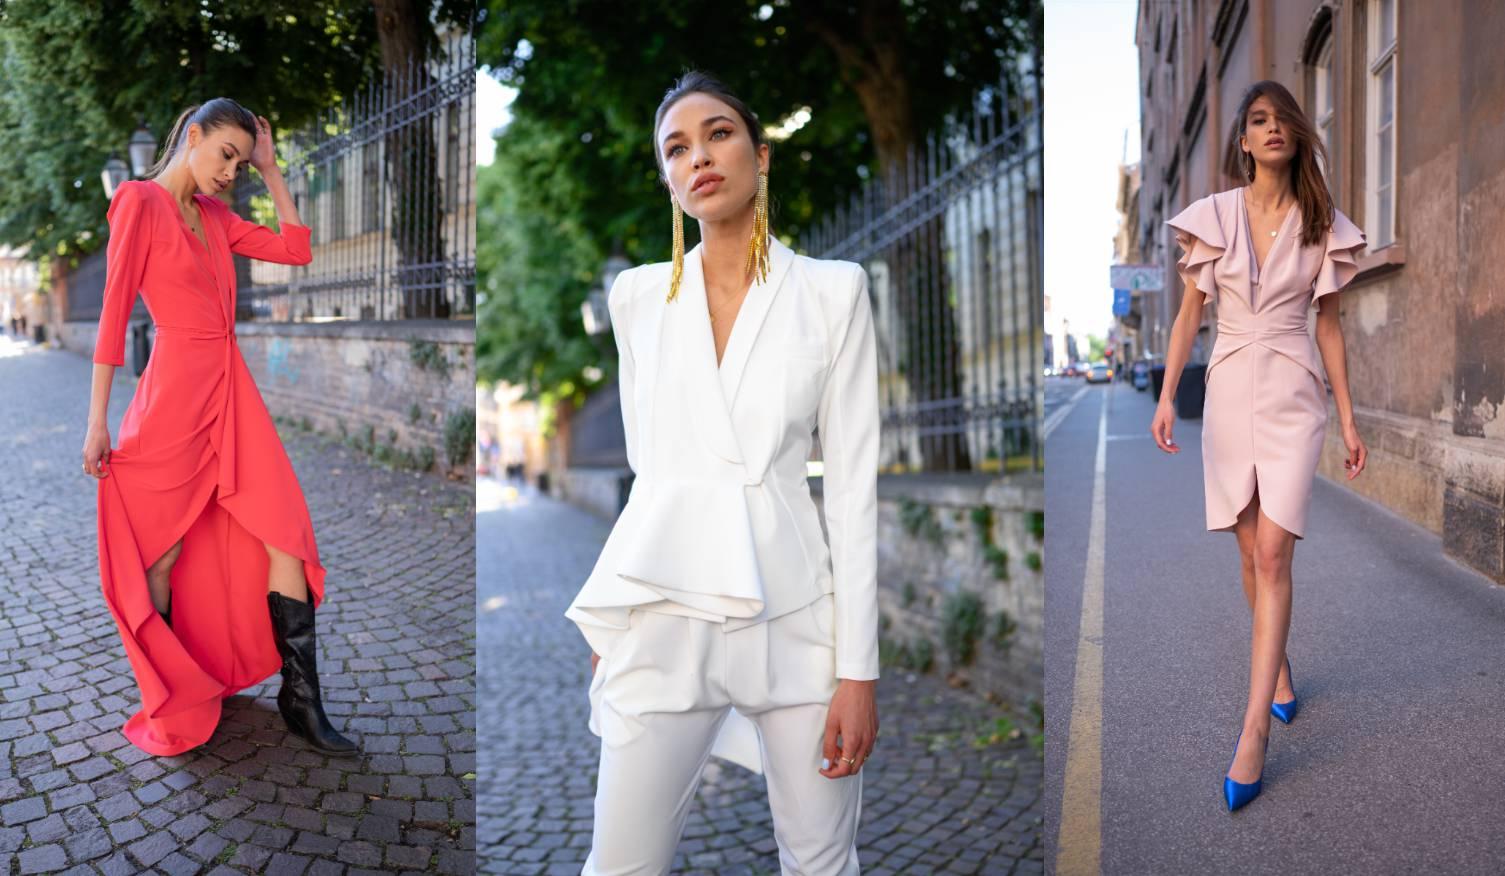 Dizajnerica Kristina Burja: Kroj haljine koristim da u prvi plan stavim ženstvenu siluetu